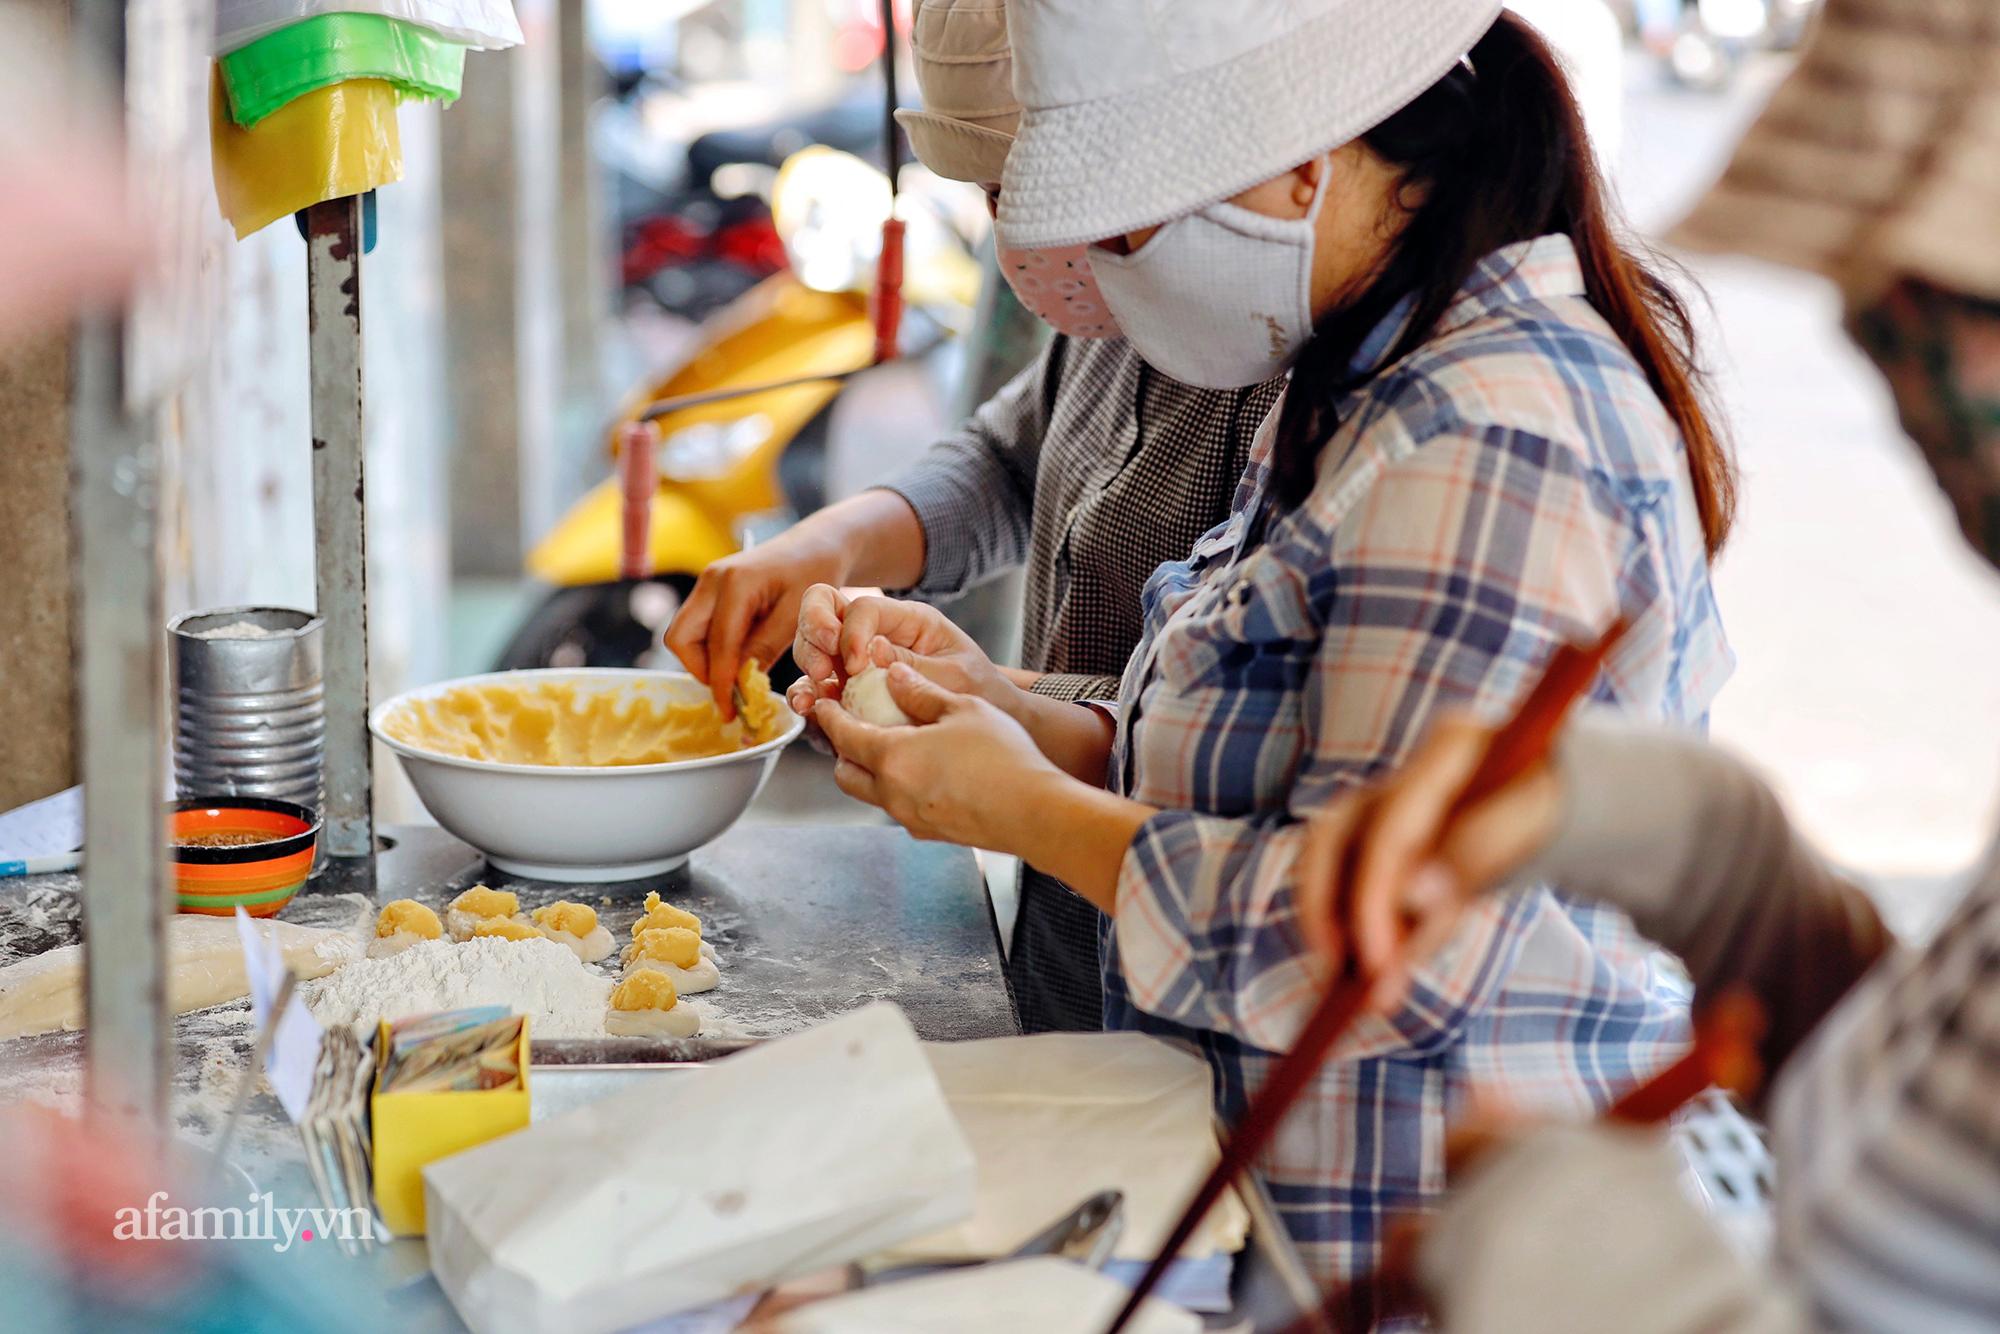 """Hàng bánh tiêu """"CHẢNH"""" nhất Việt Nam - """"mua được hay không là do nhân phẩm"""", dù chưa kịp mở cửa đã chính thức hết bánh khiến cả Vũng Tàu tới Sài Gòn phải xôn xao! - Ảnh 9."""